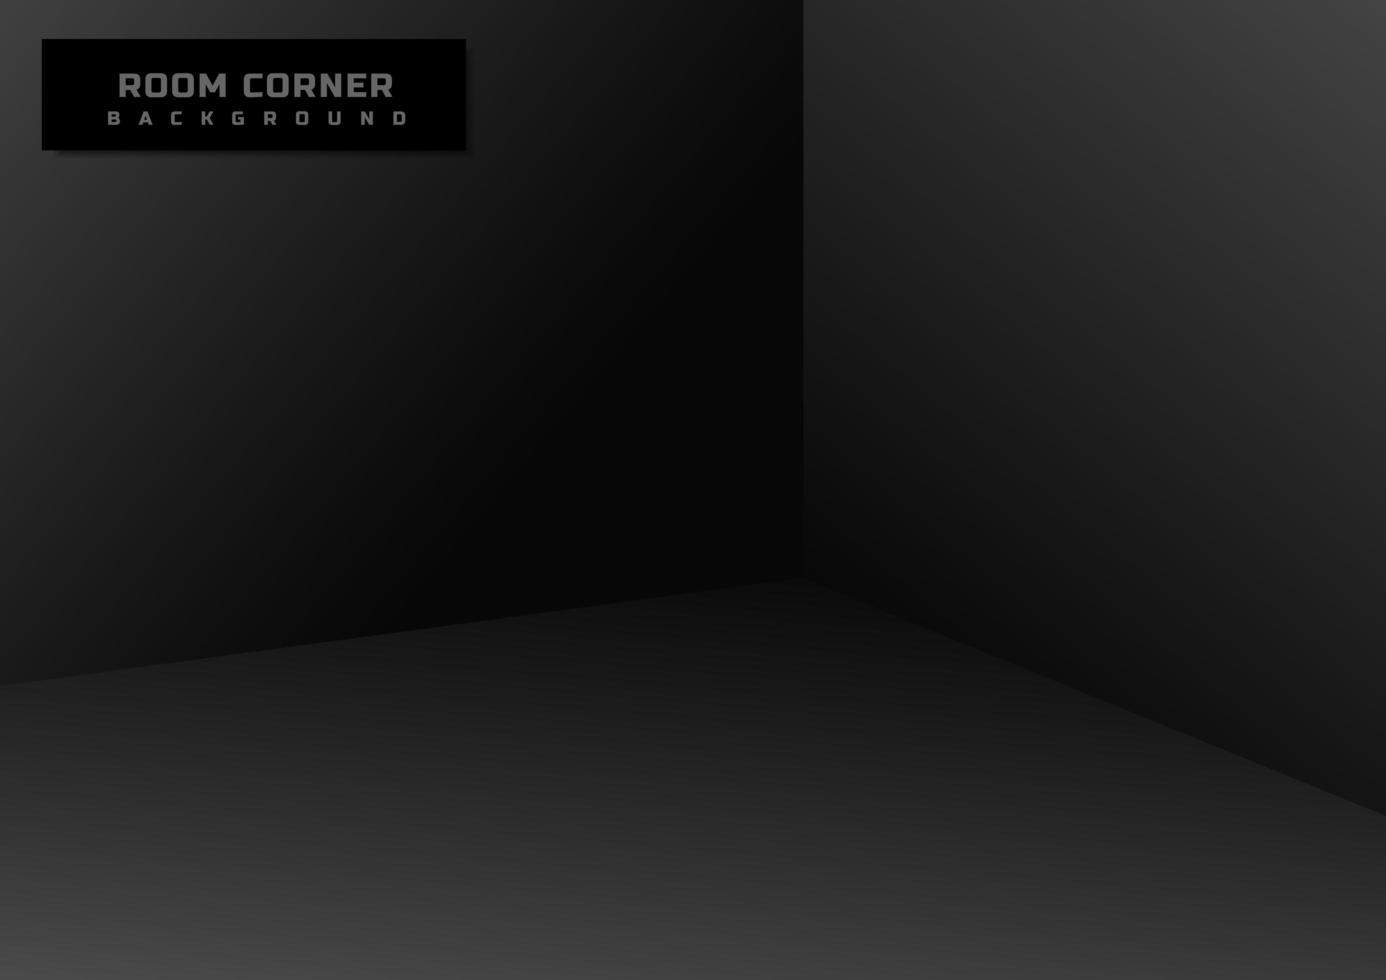 zwarte lege kamerhoek vector